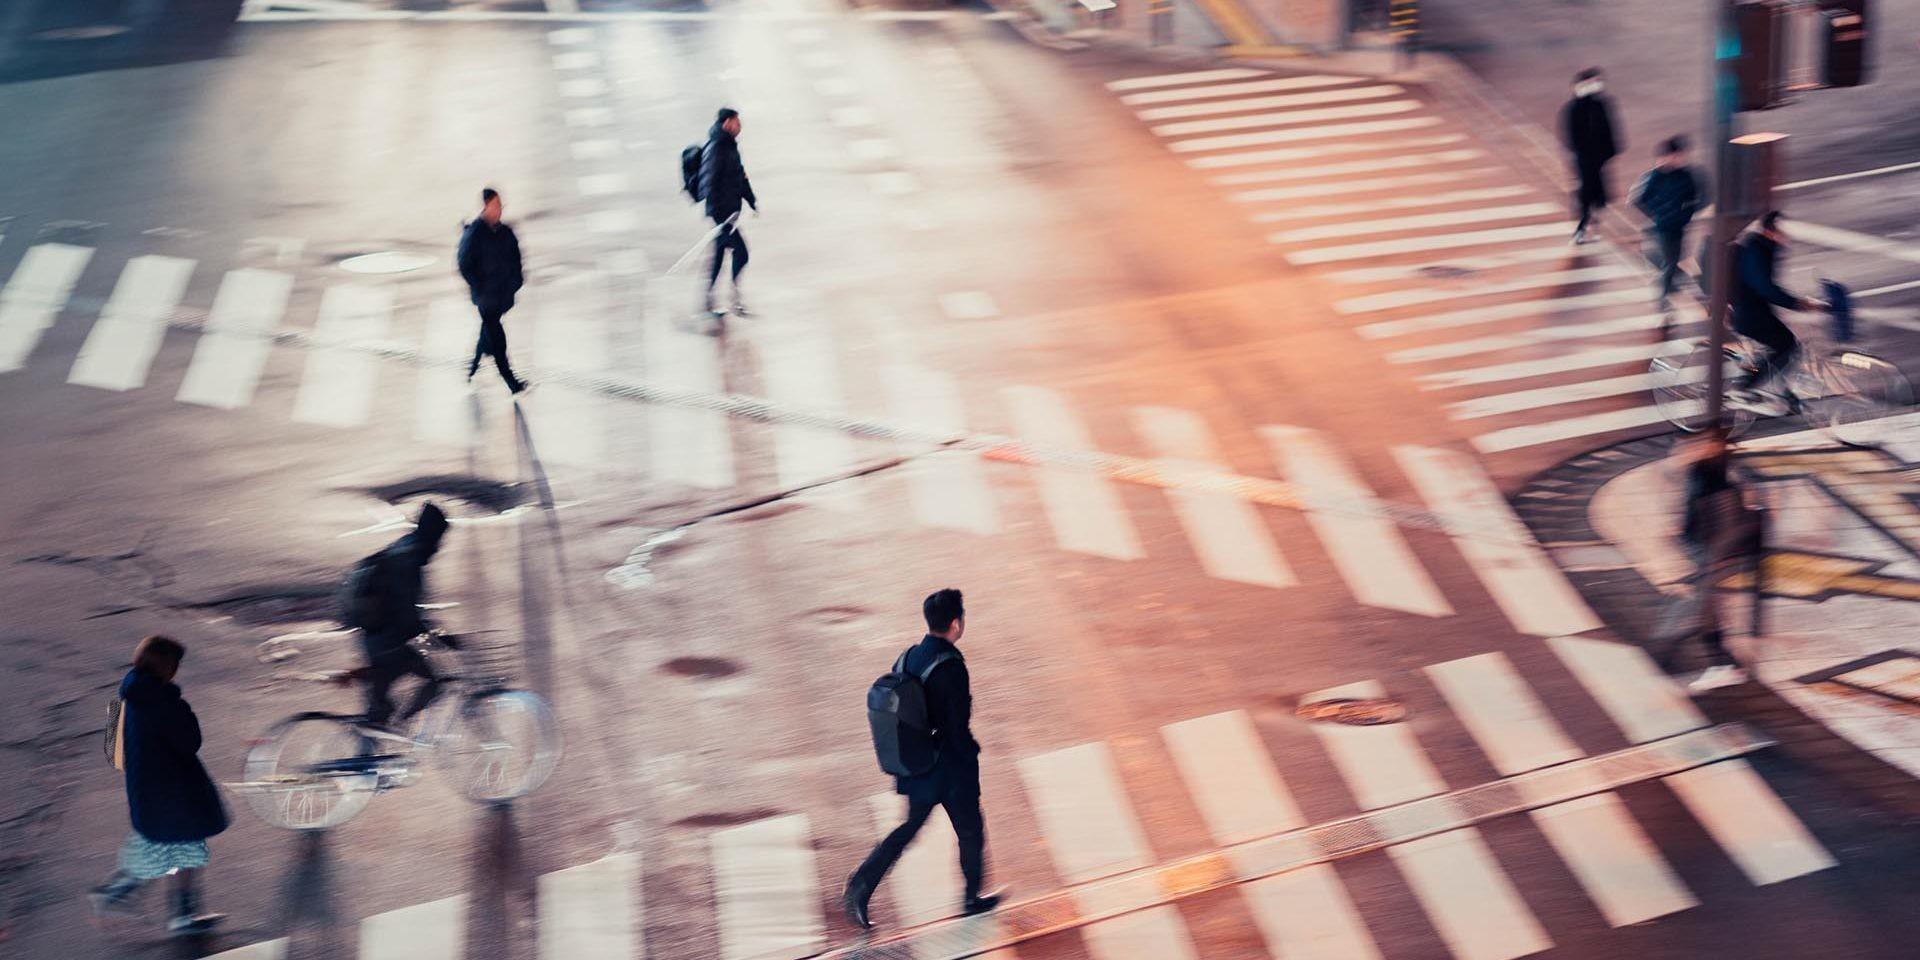 Una mala planificación puede derivar en la creación de ciudades inteligentes poco inclusivas.